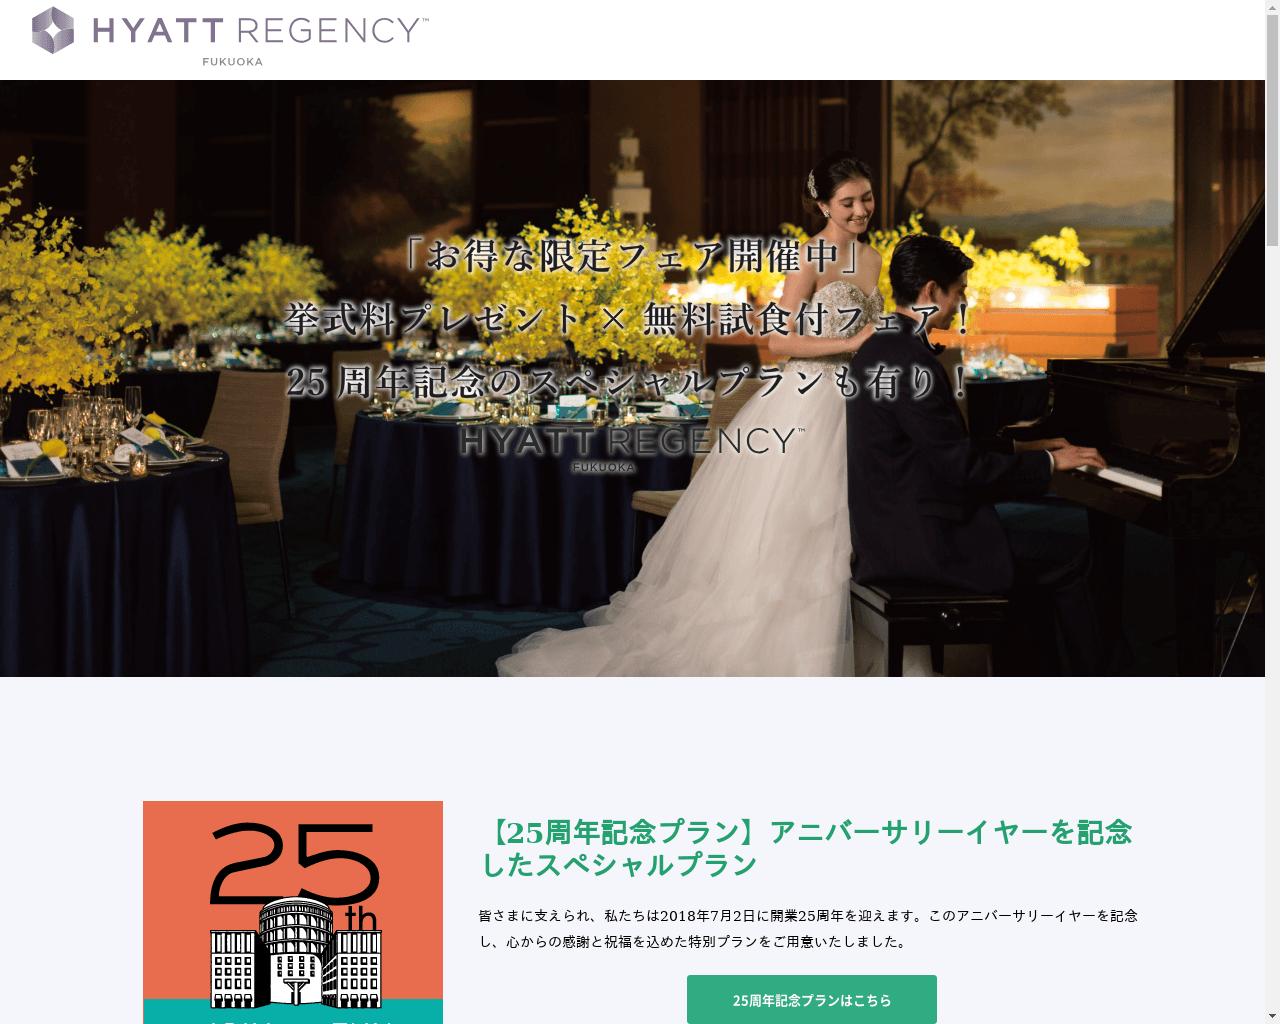 高級ホテル特集 ハイアット リージェンシー 福岡